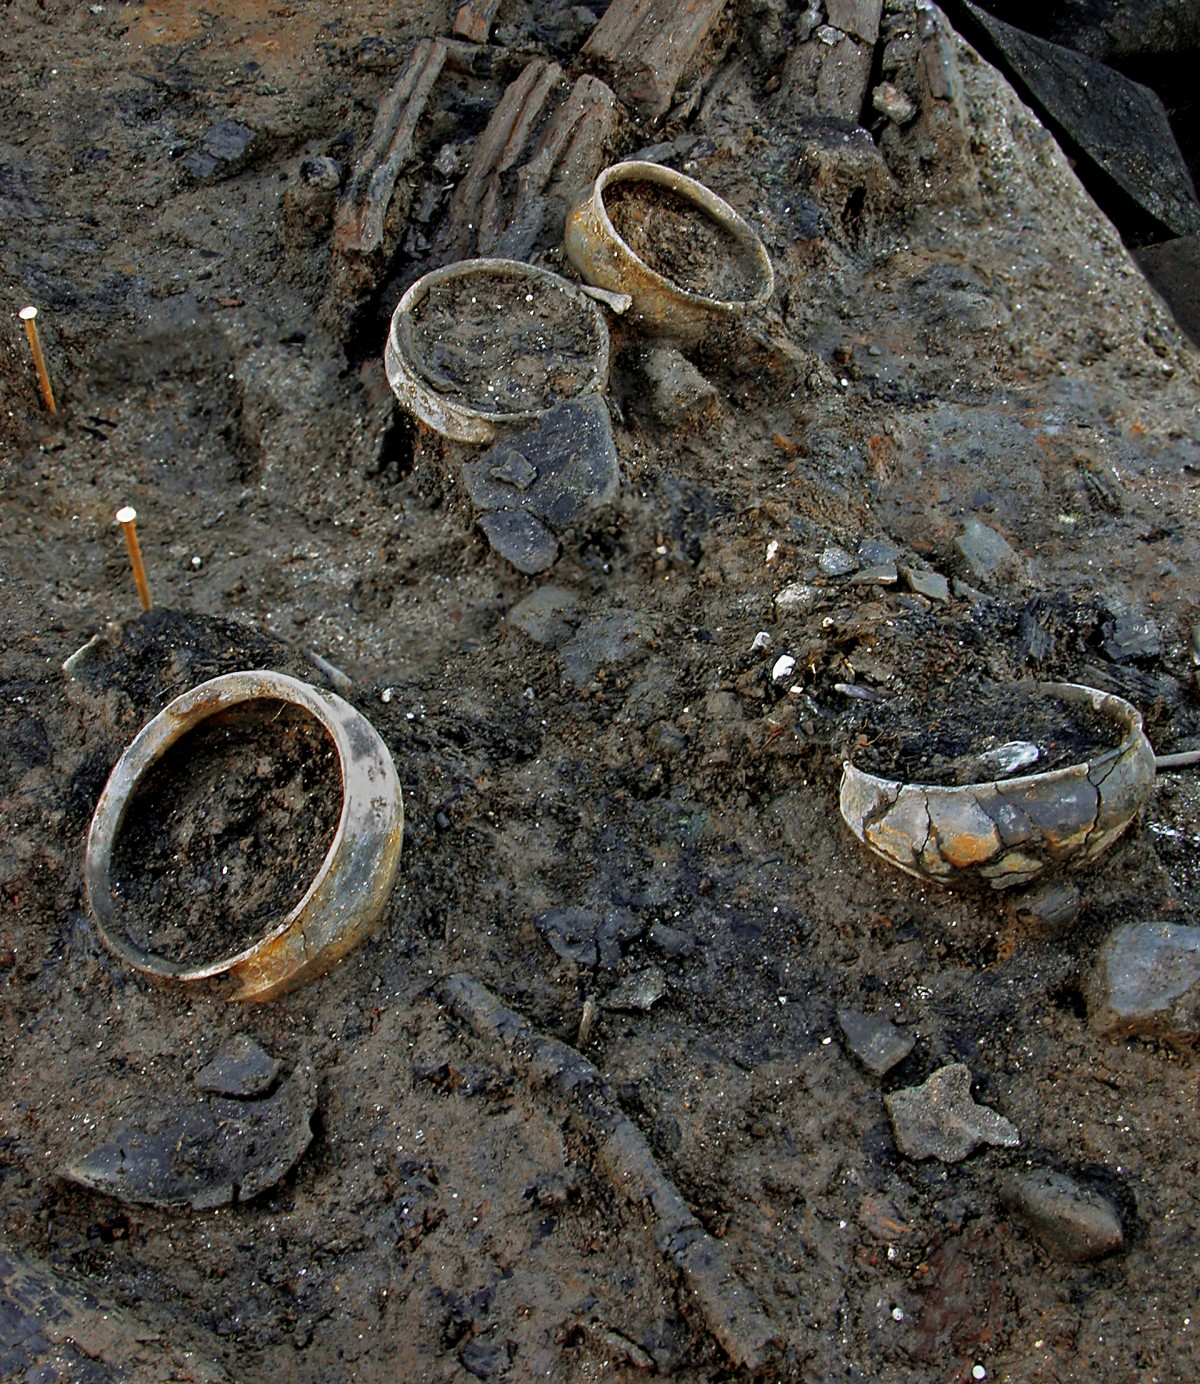 Overzicht van enkele volledige potten met oorspronkelijke inhoud, die achtergelaten zijn door de brand © Cambridge Archaeological Unit